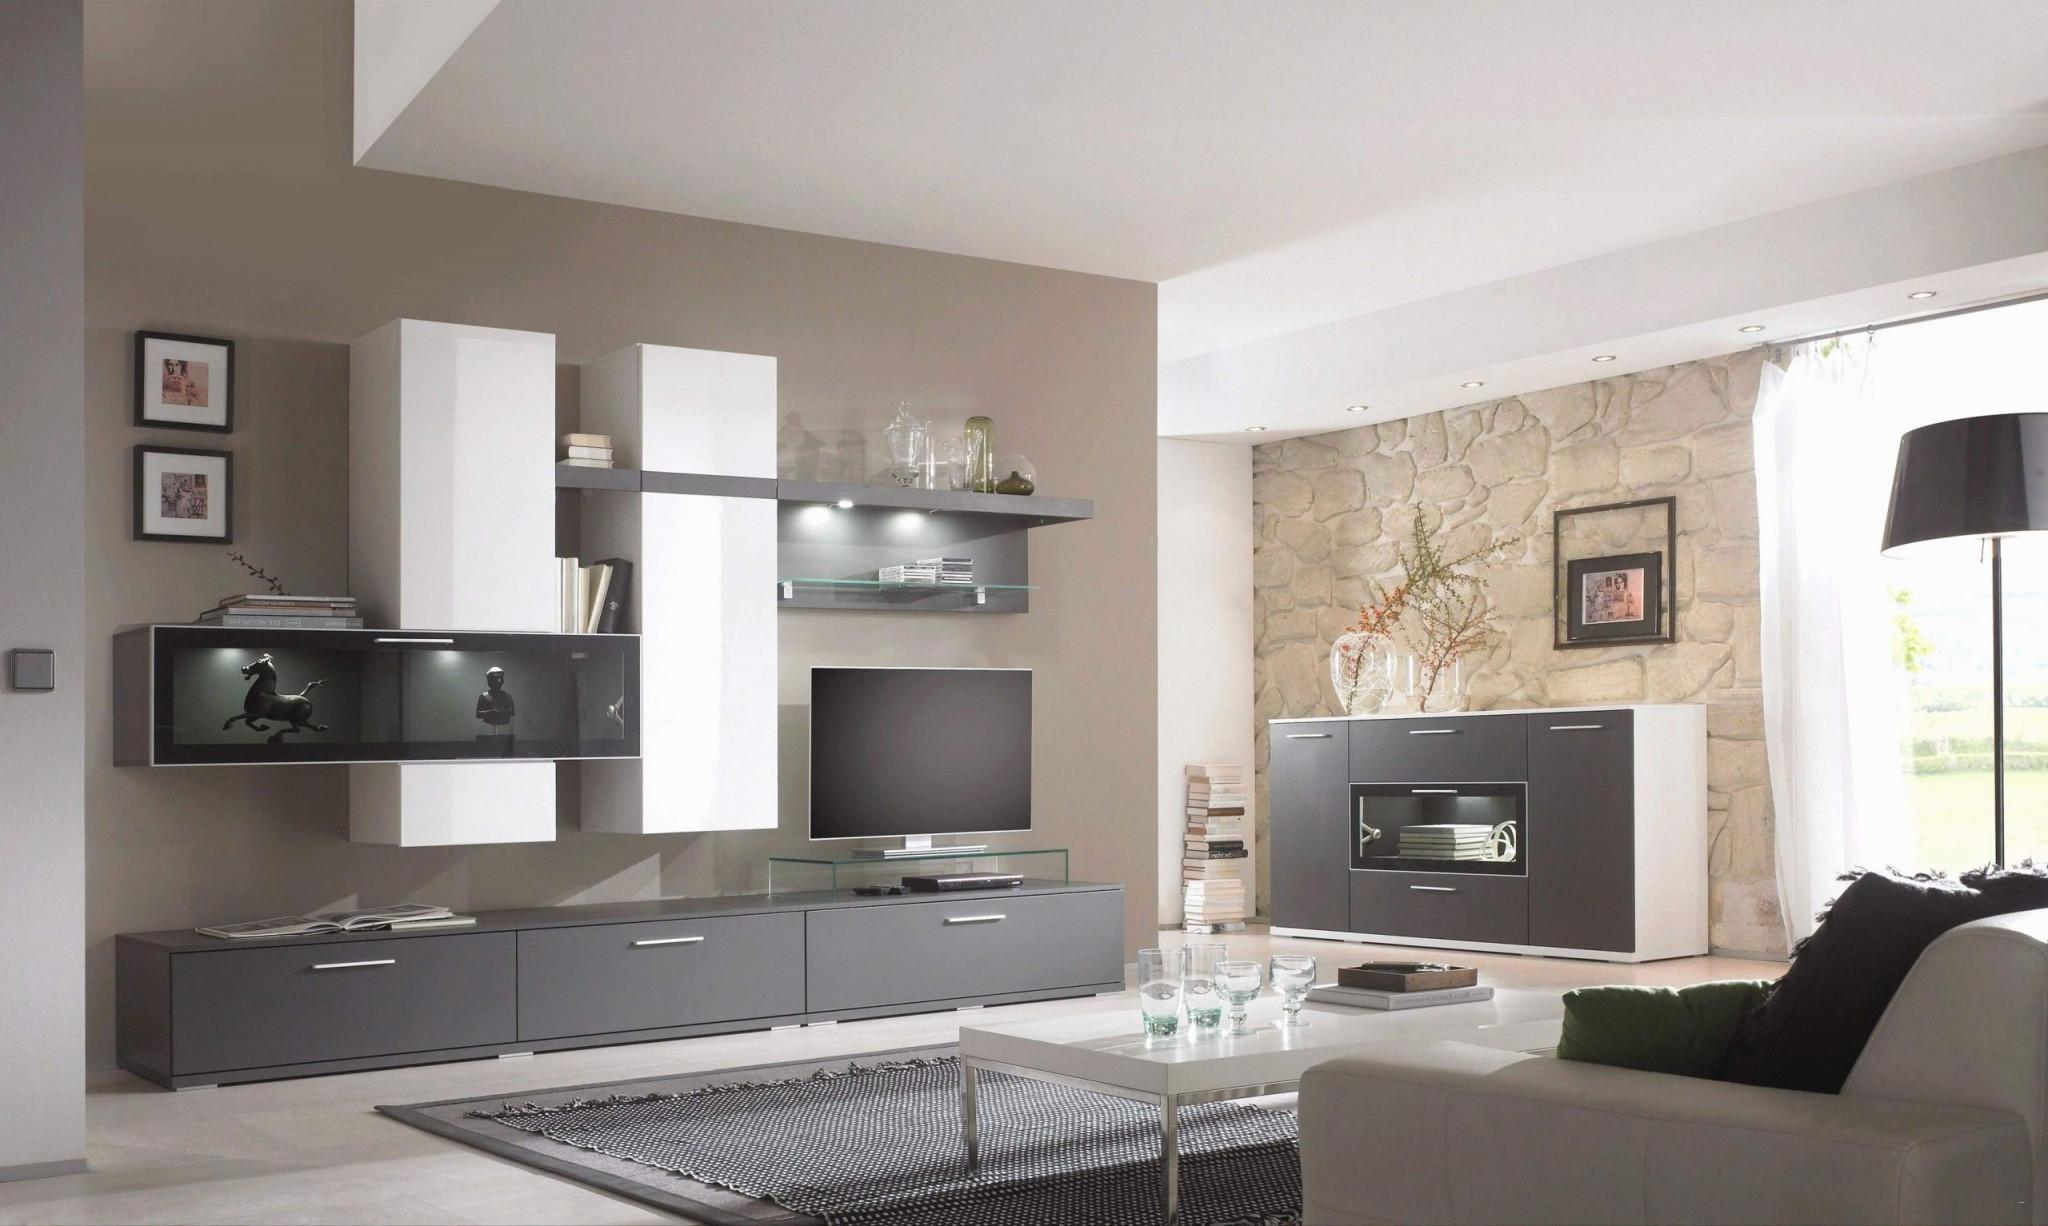 40 Genial Wohnzimmer Farblich Gestalten Das Beste Von von Wohnzimmer Gestalten Wände Photo